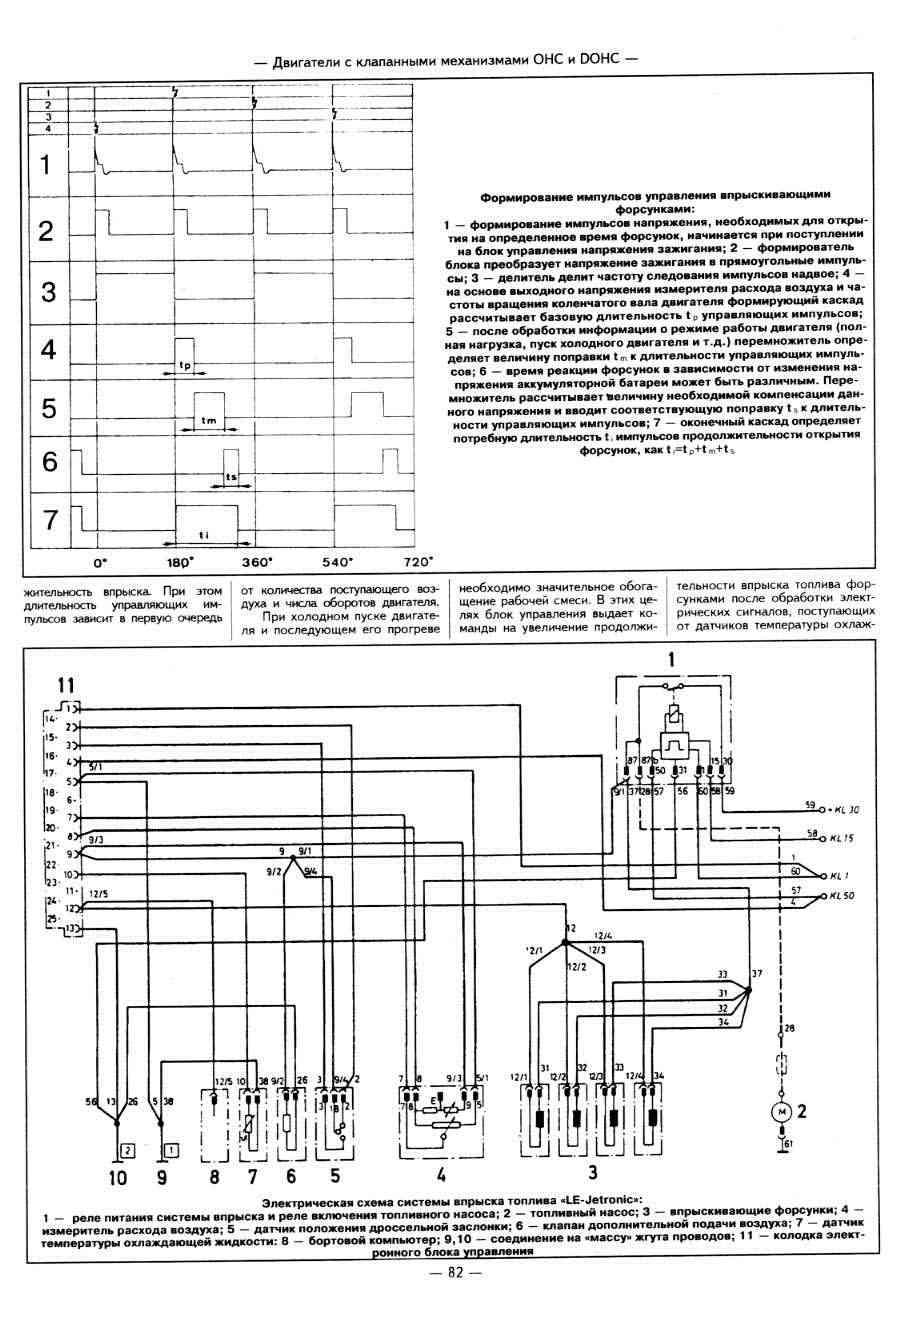 скачать инструкцию по эксплуатации тойота старлет 1990 год